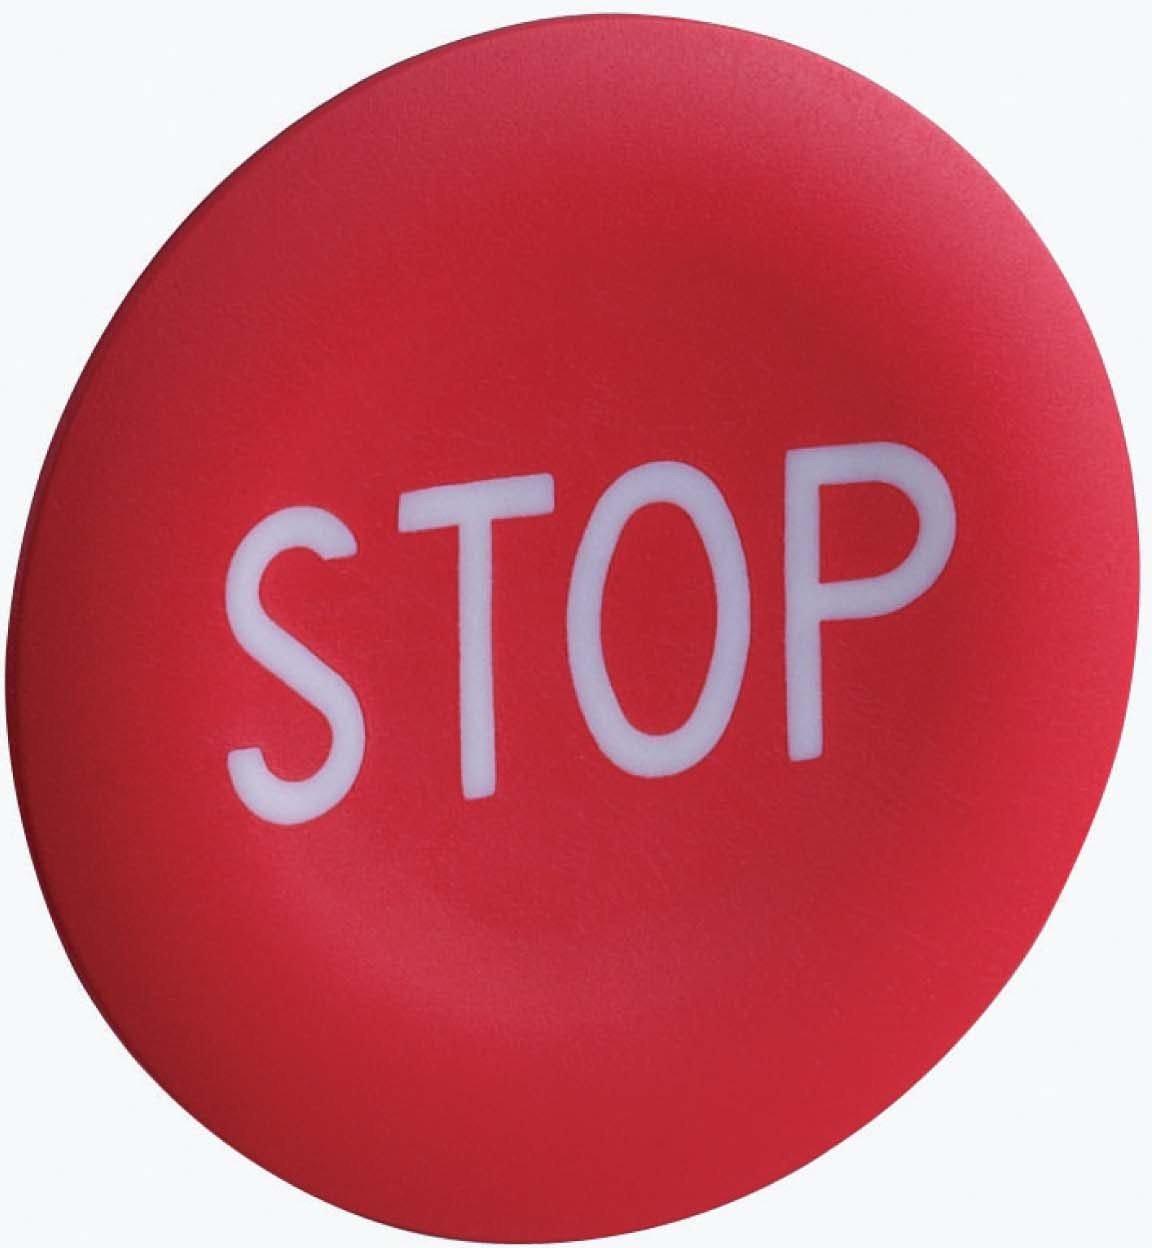 Schneider elec pic - mss 40 17 - Placa marcada para pulsador rojo -stop-blanco ZBA434